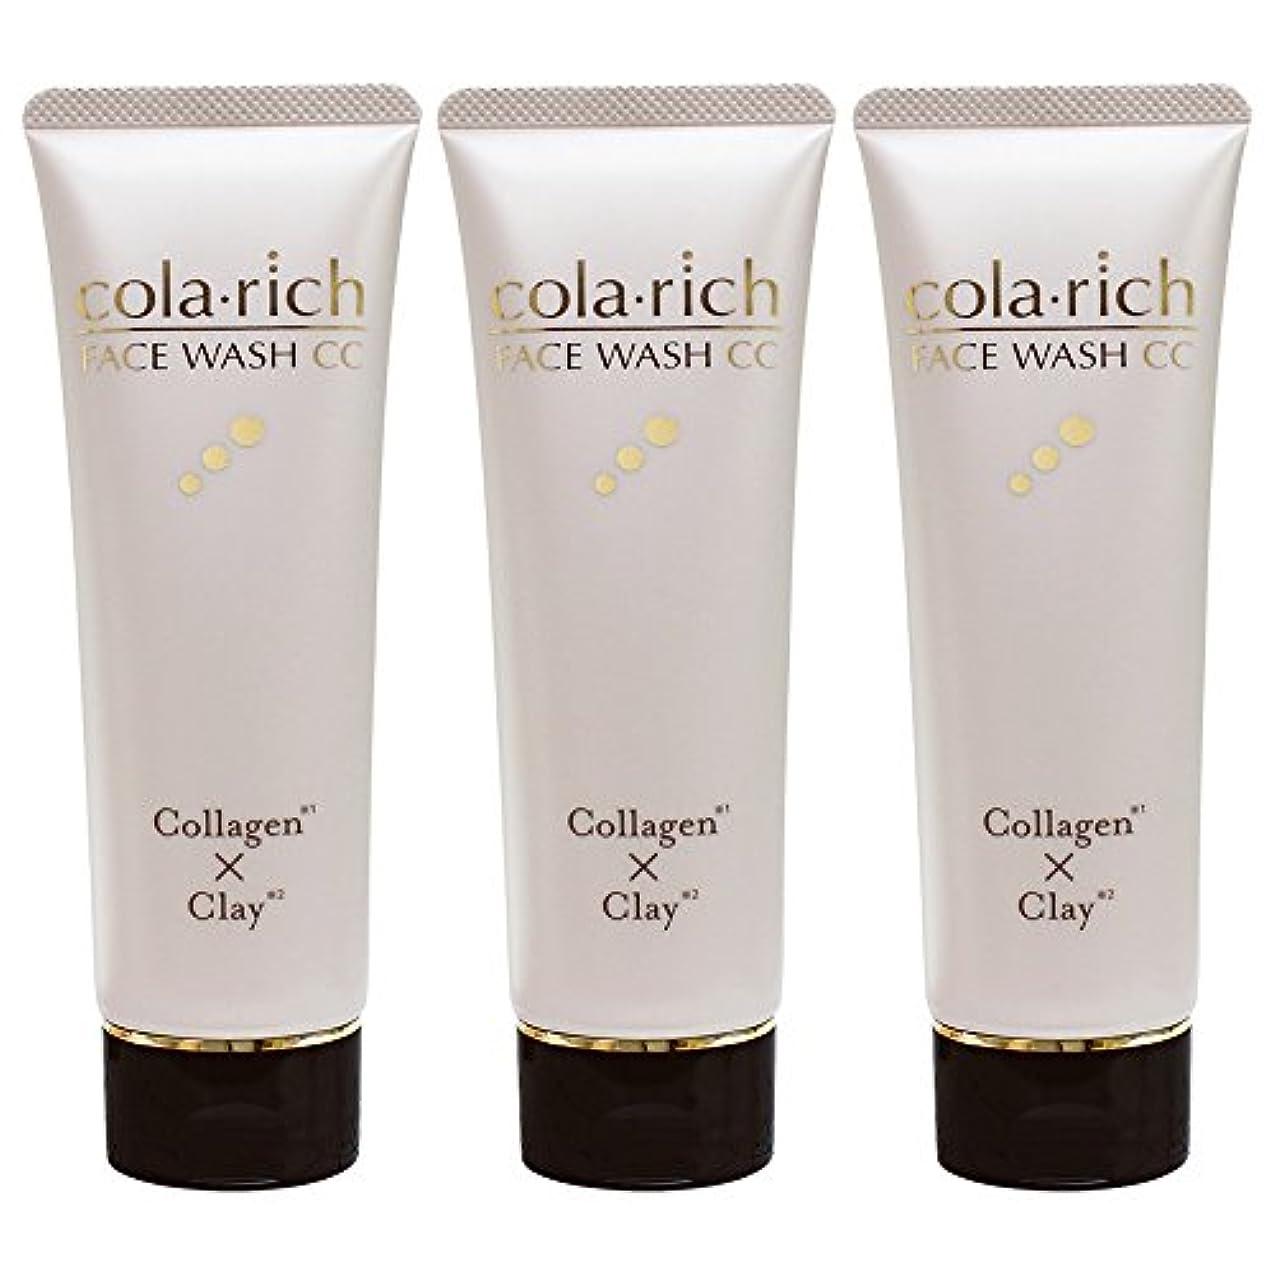 が欲しい無効にするアノイコラリッチ コラーゲン配合美容液洗顔3本まとめ買い/フェイスウォッシュCC(1本120g 約1カ月分)キューサイ